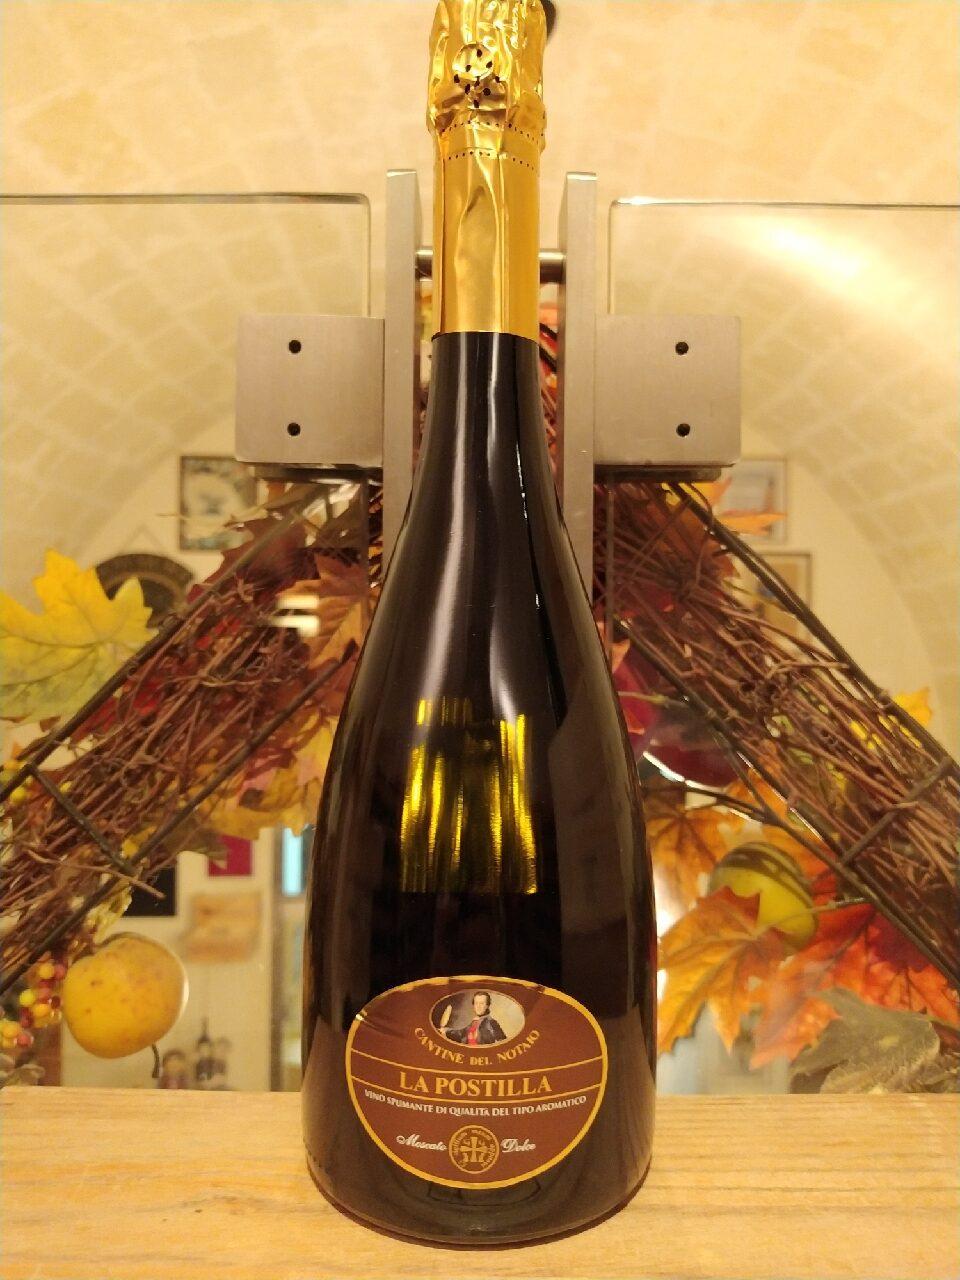 La Postilla Cantine del Notaio Vino Spumante di Qualità del Tipo Aromatico Moscato Dolce